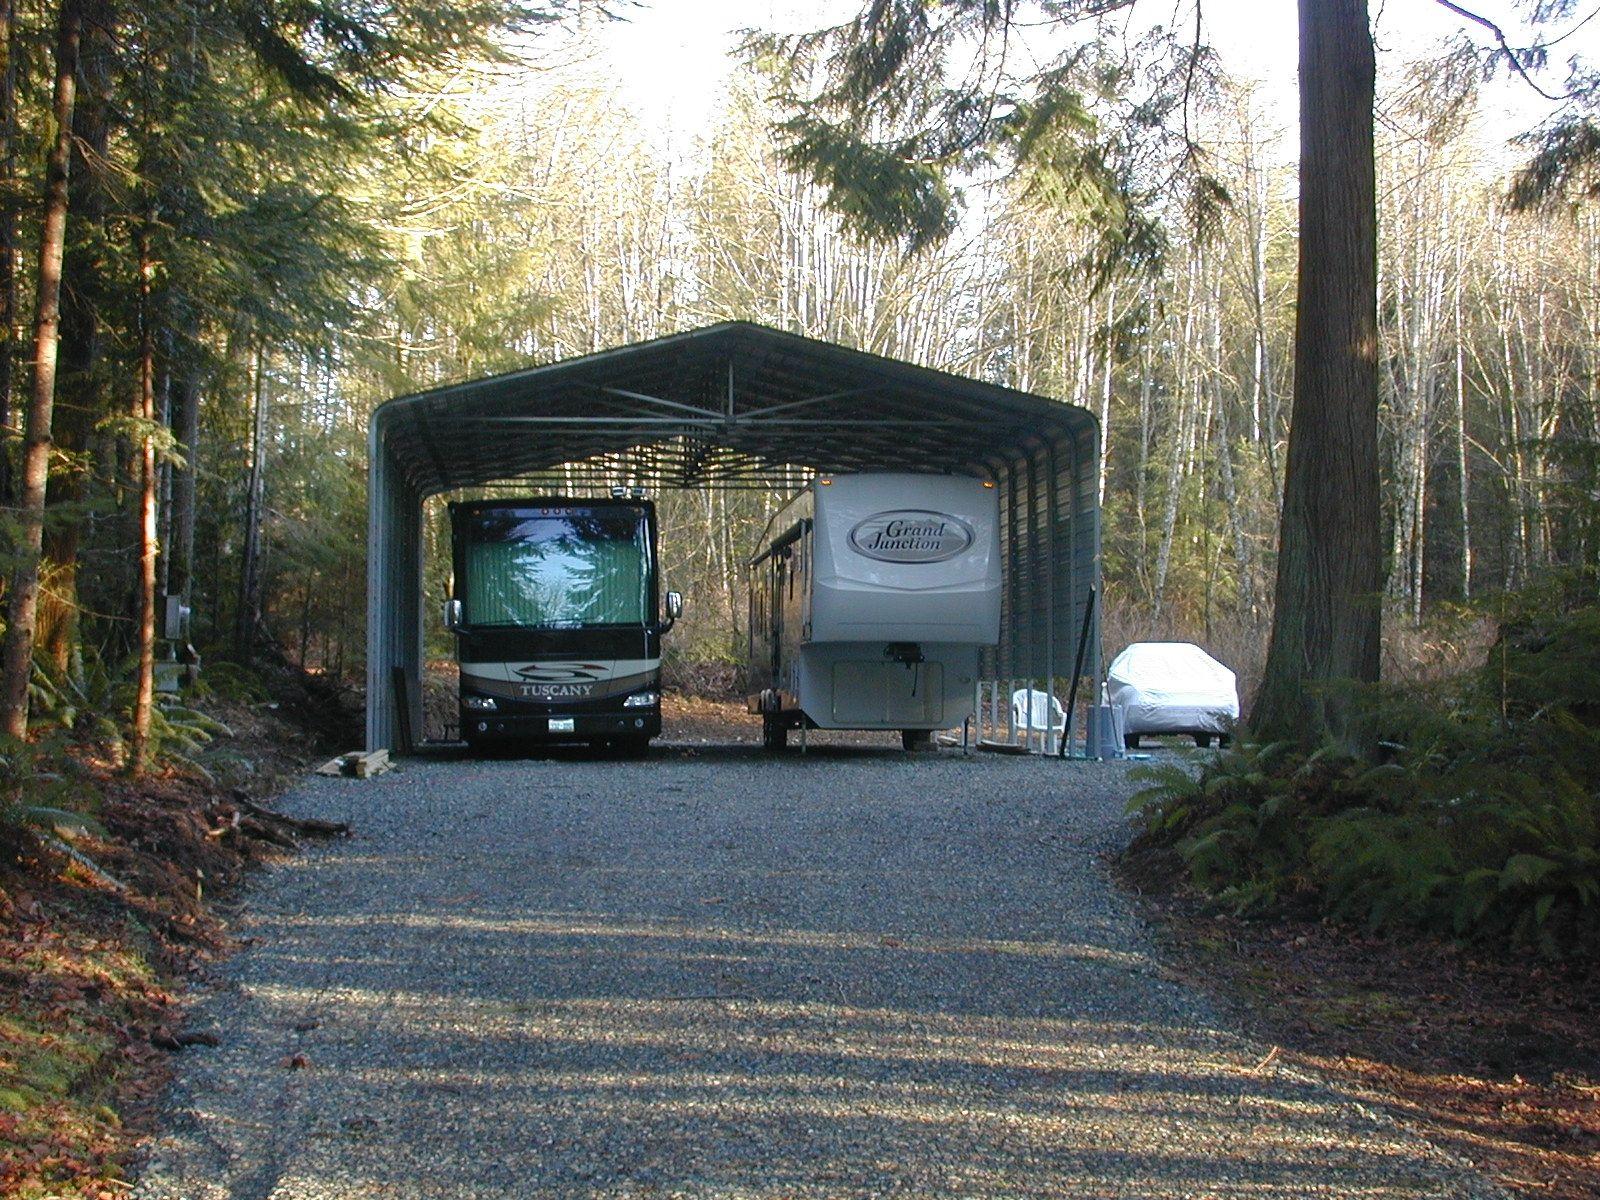 Double Rv Steel Carport By Absolute Steel Steel Carports Rv Carports Rv Covered Parking